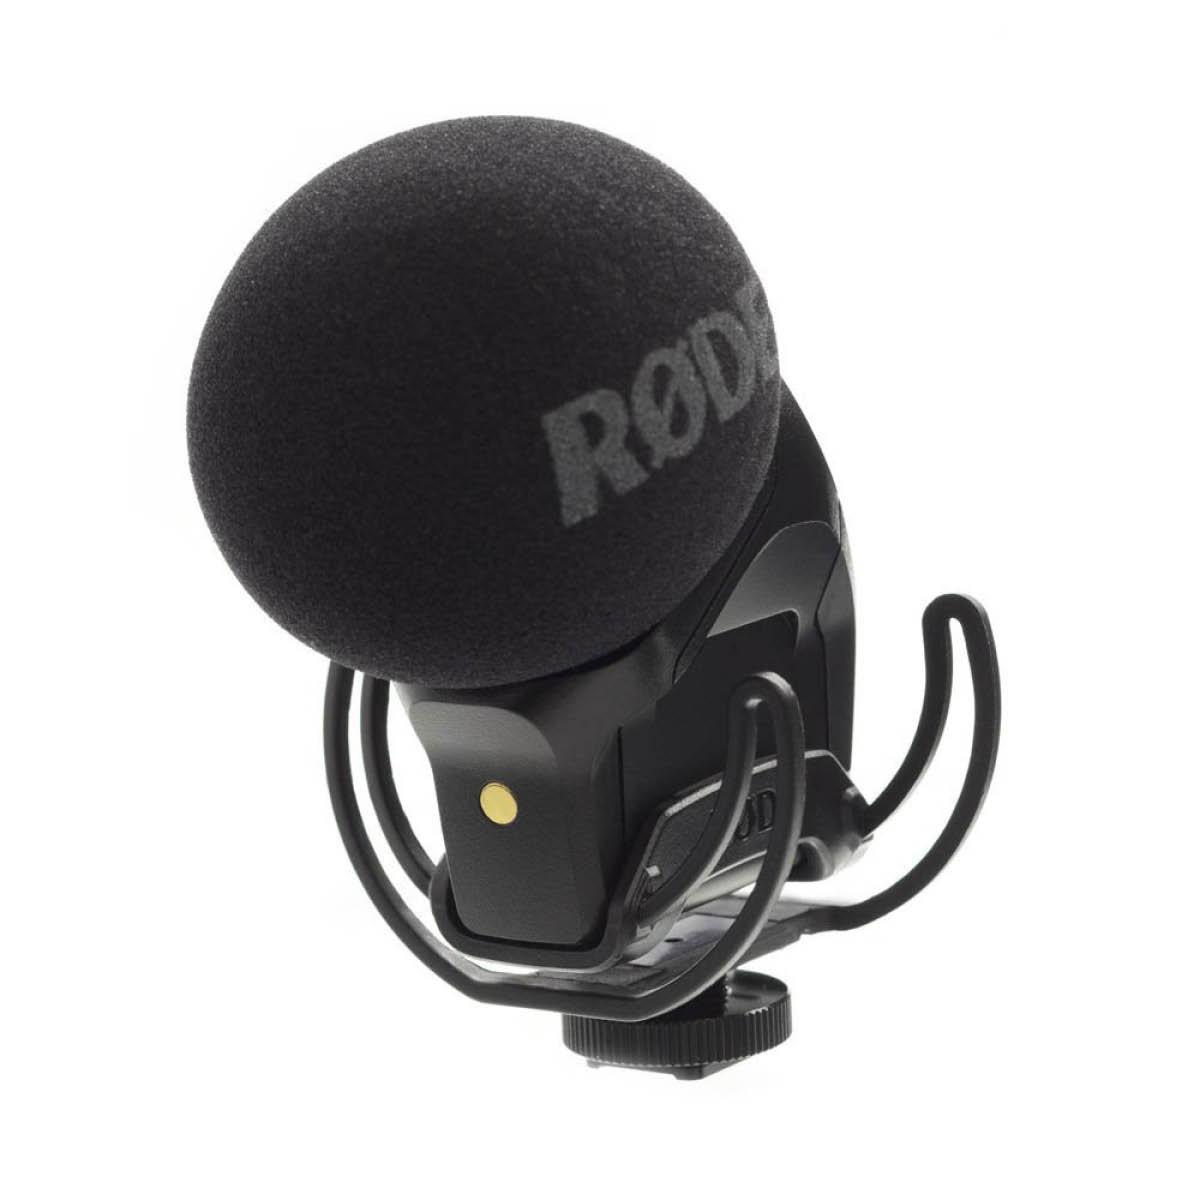 Rode Videomic Pro Rycote Stereomikrofon